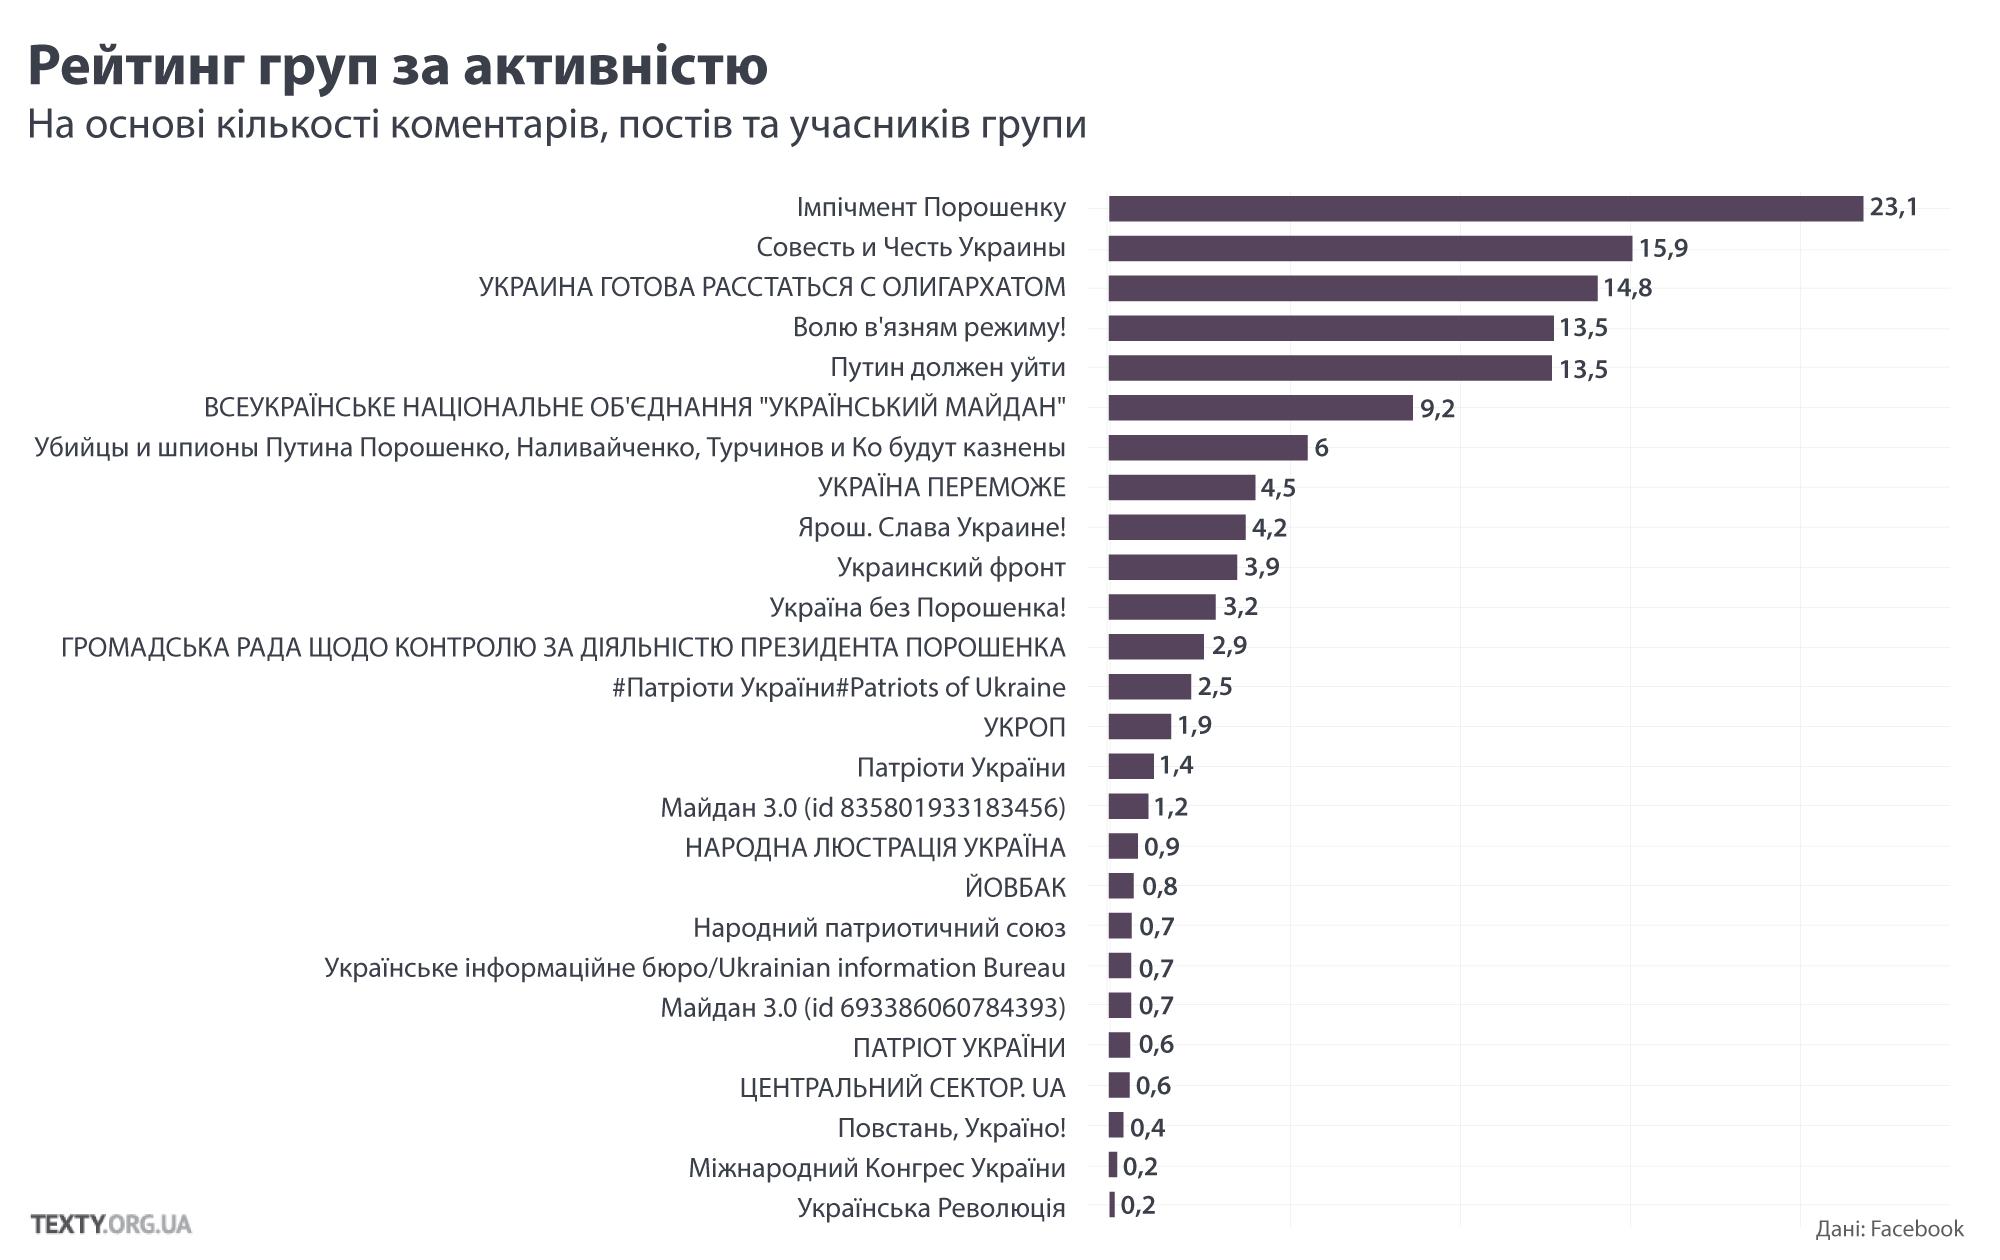 Російські тролі в українському інтернеті_2